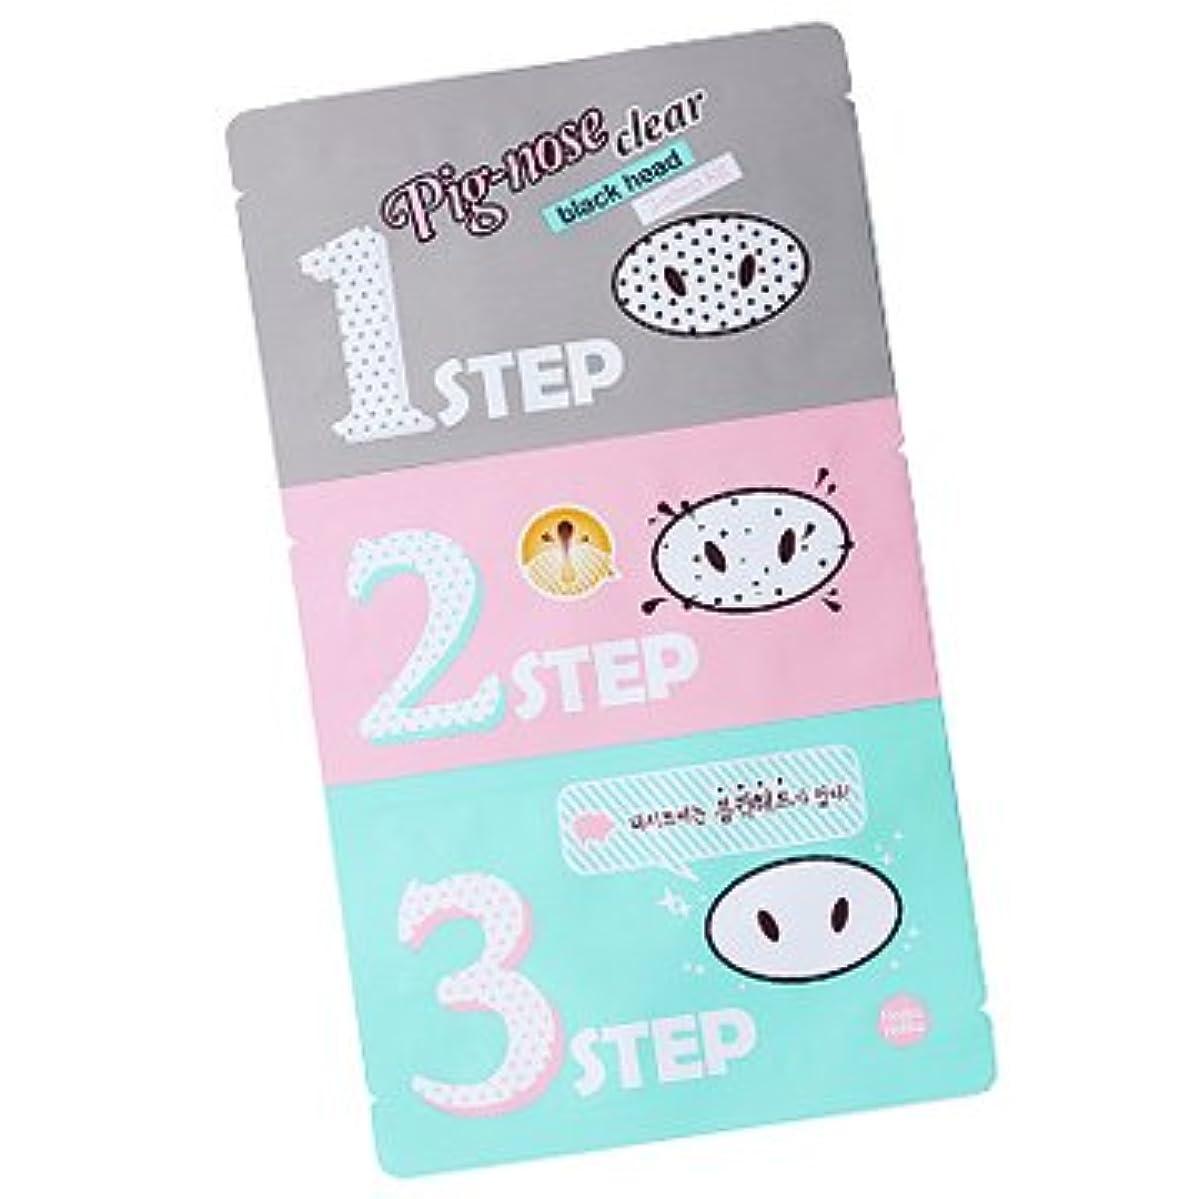 悪意重要なオプションHolika Holika Pig Nose Clear Black Head 3-Step Kit 10EA (Nose Pack) ホリカホリカ ピグノーズクリアブラックヘッド3-Stepキット(鼻パック) 10pcs...